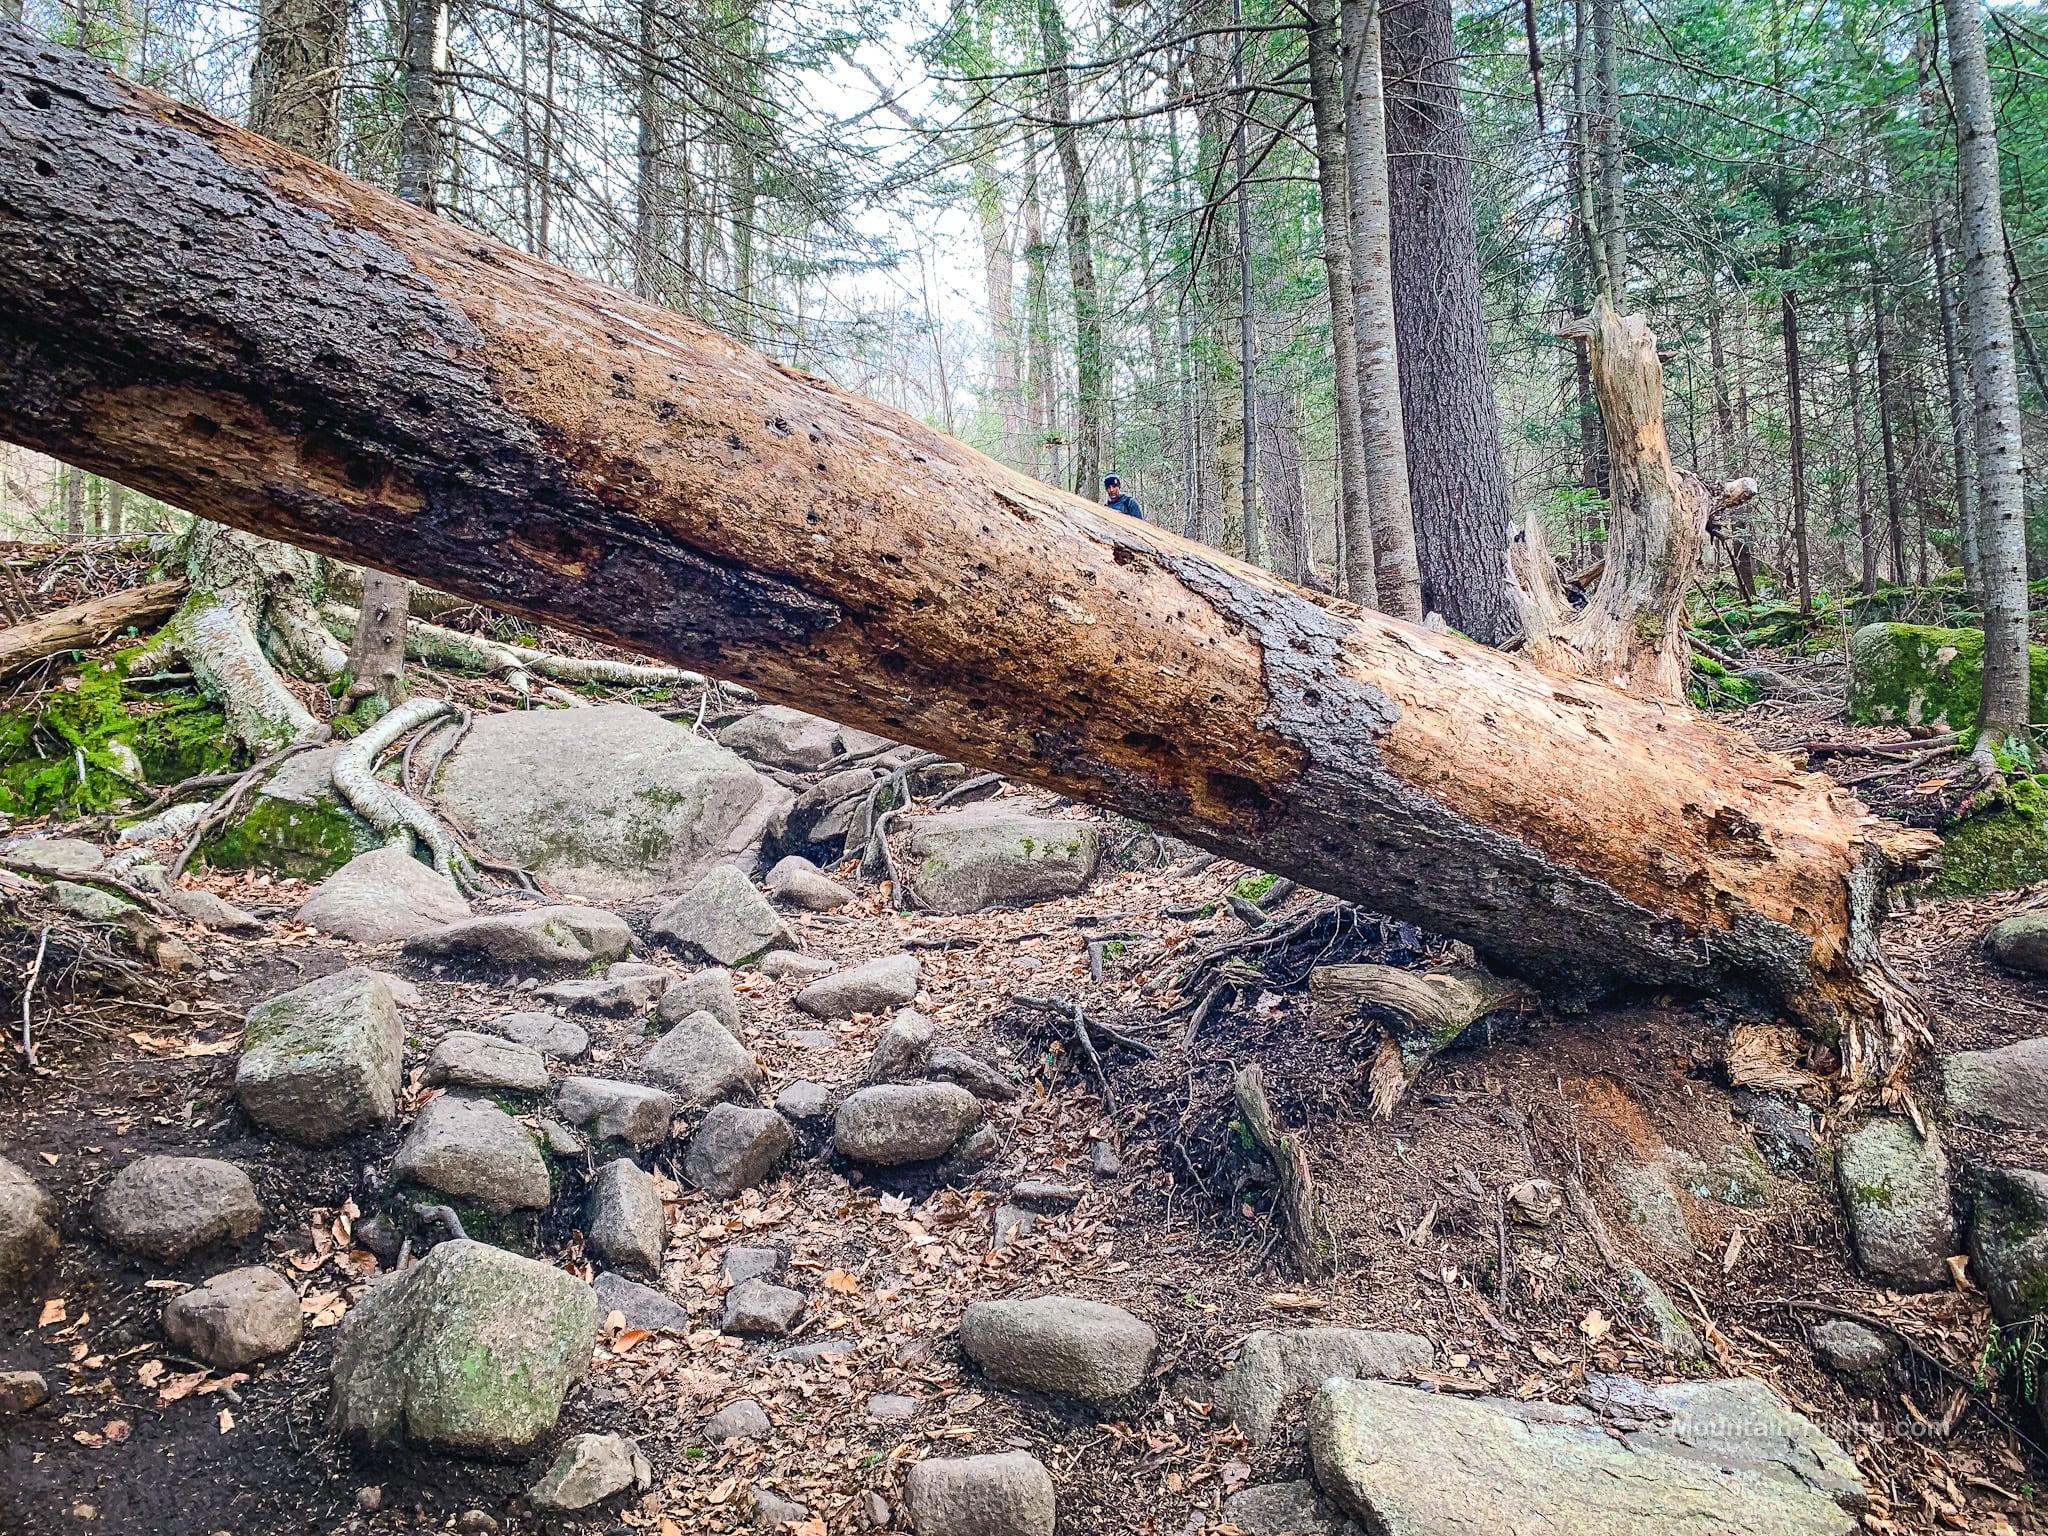 blowdown across trail